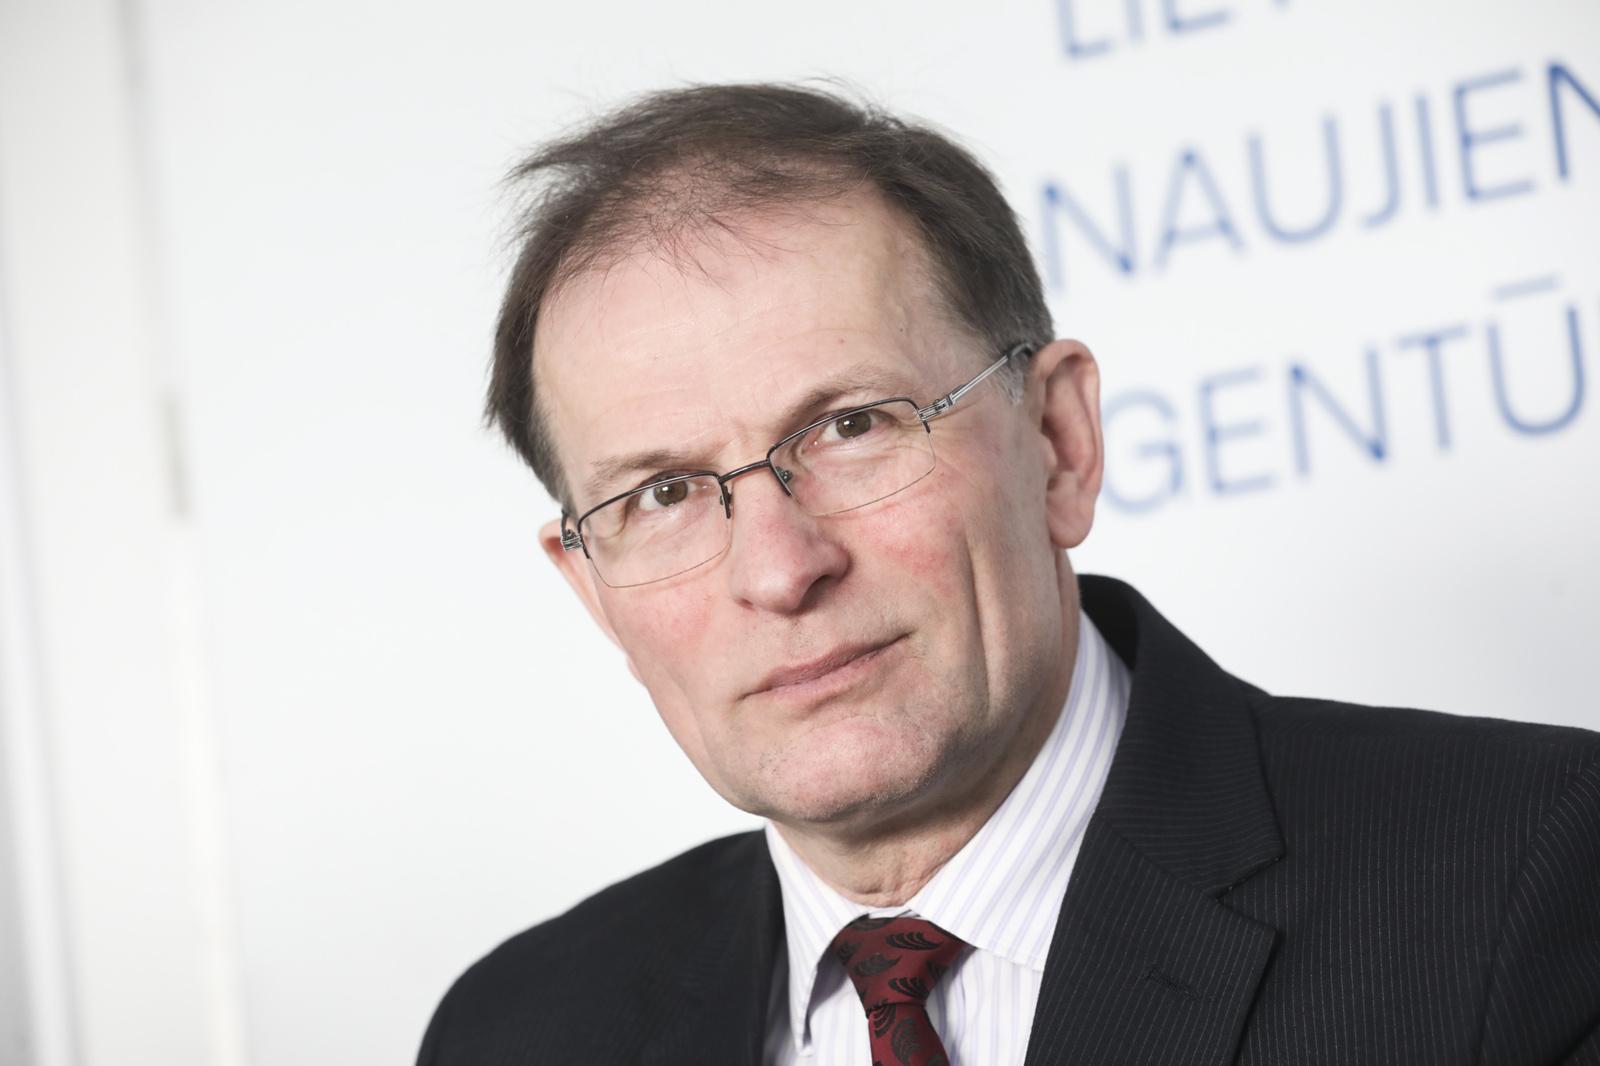 ŽŪR pirmininkas dr. A. Svitojus: išmokų žemdirbiams dydžio neturėtų nulemti vien darbo jėgos kaštai